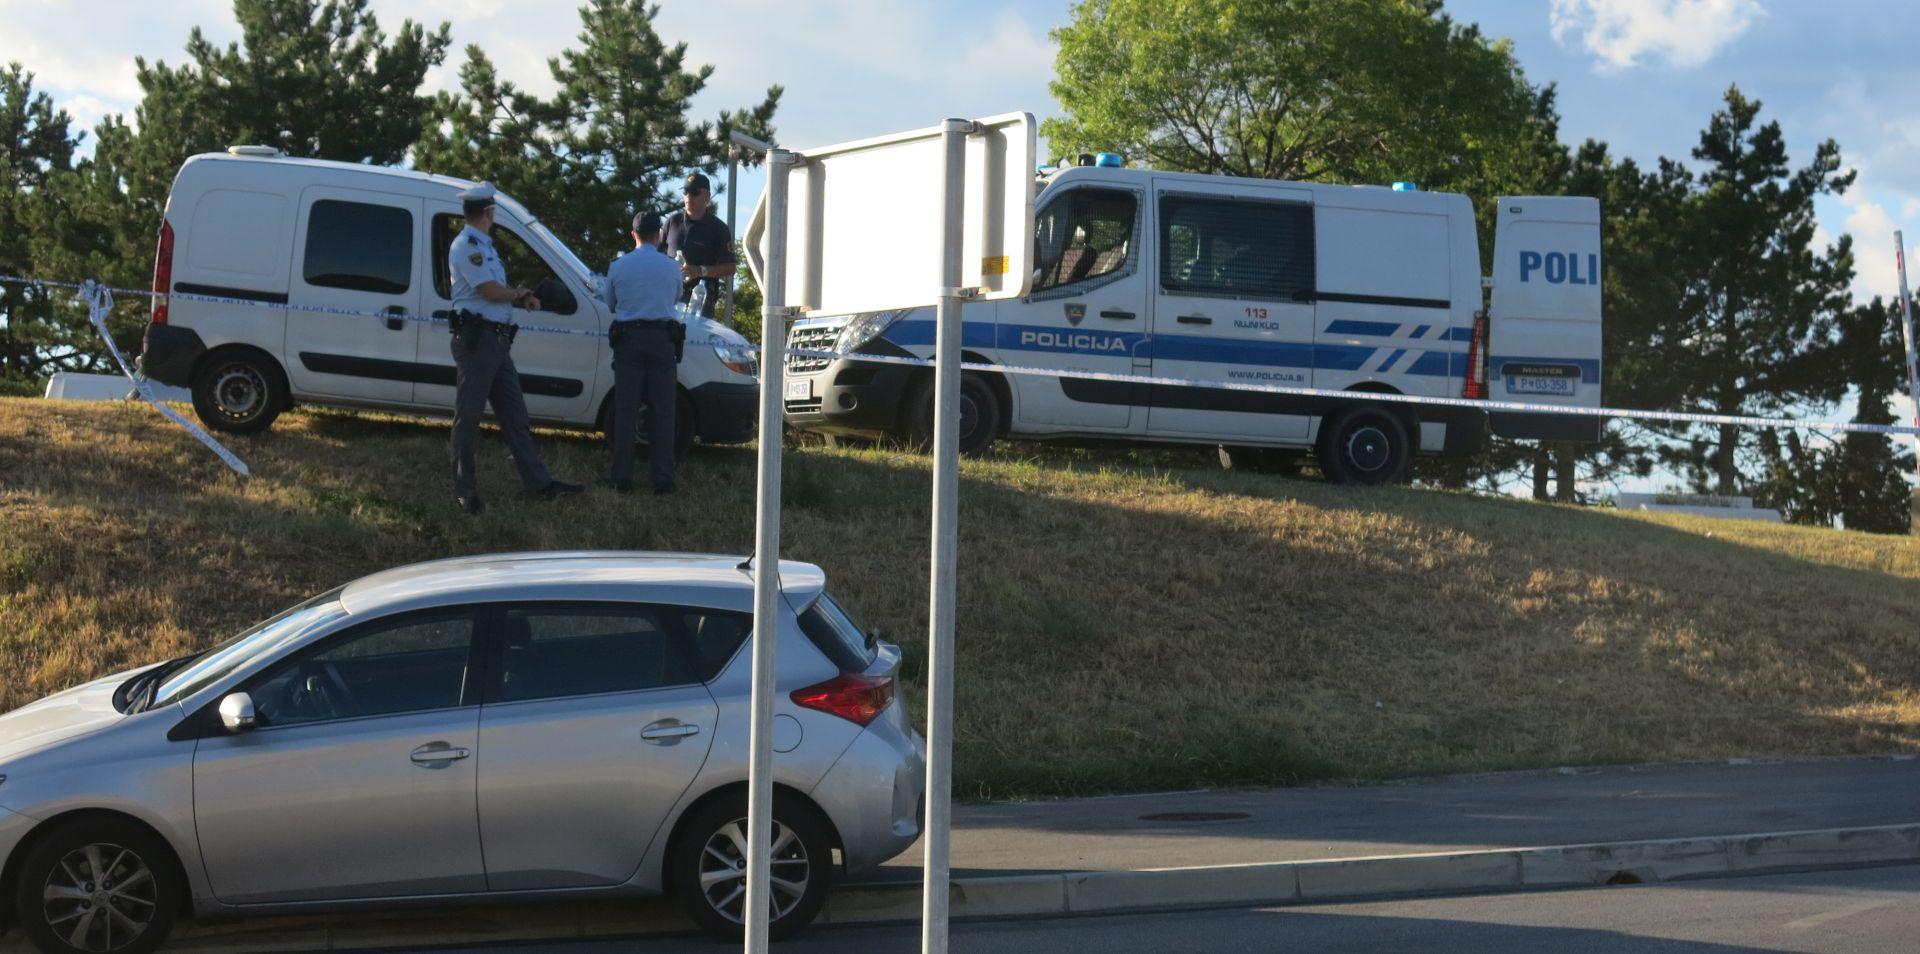 SLOVENSKE BOLNICE: Povećanje mjera sigurnosti nakon pucnjave u Izoli